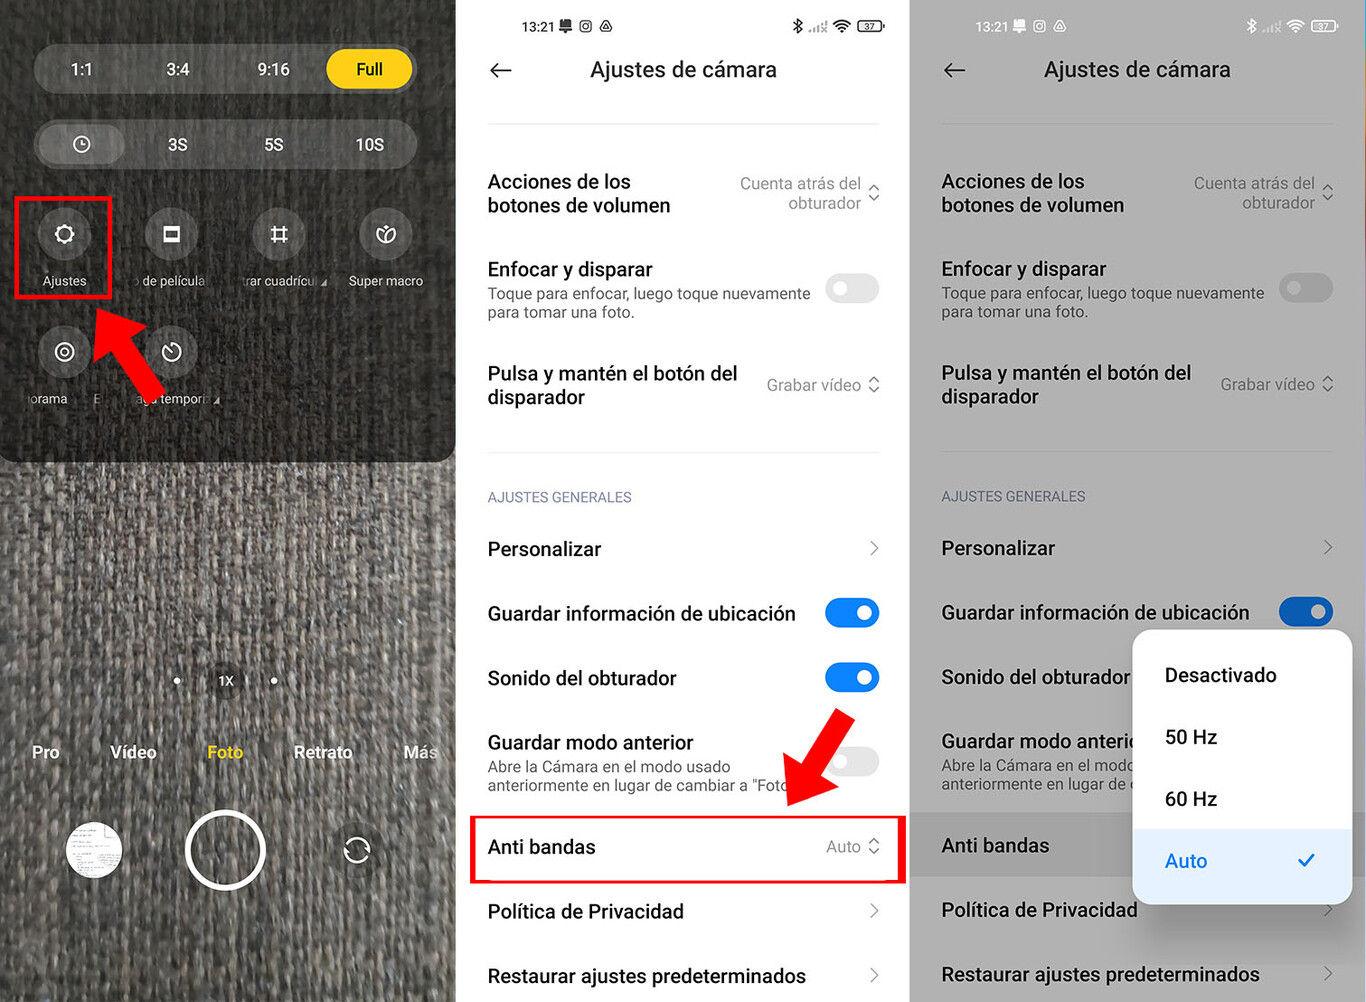 Cómo quitar el banding o flickering de tus fotos desde los ajustes de la cámara MIUI de Xiaomi